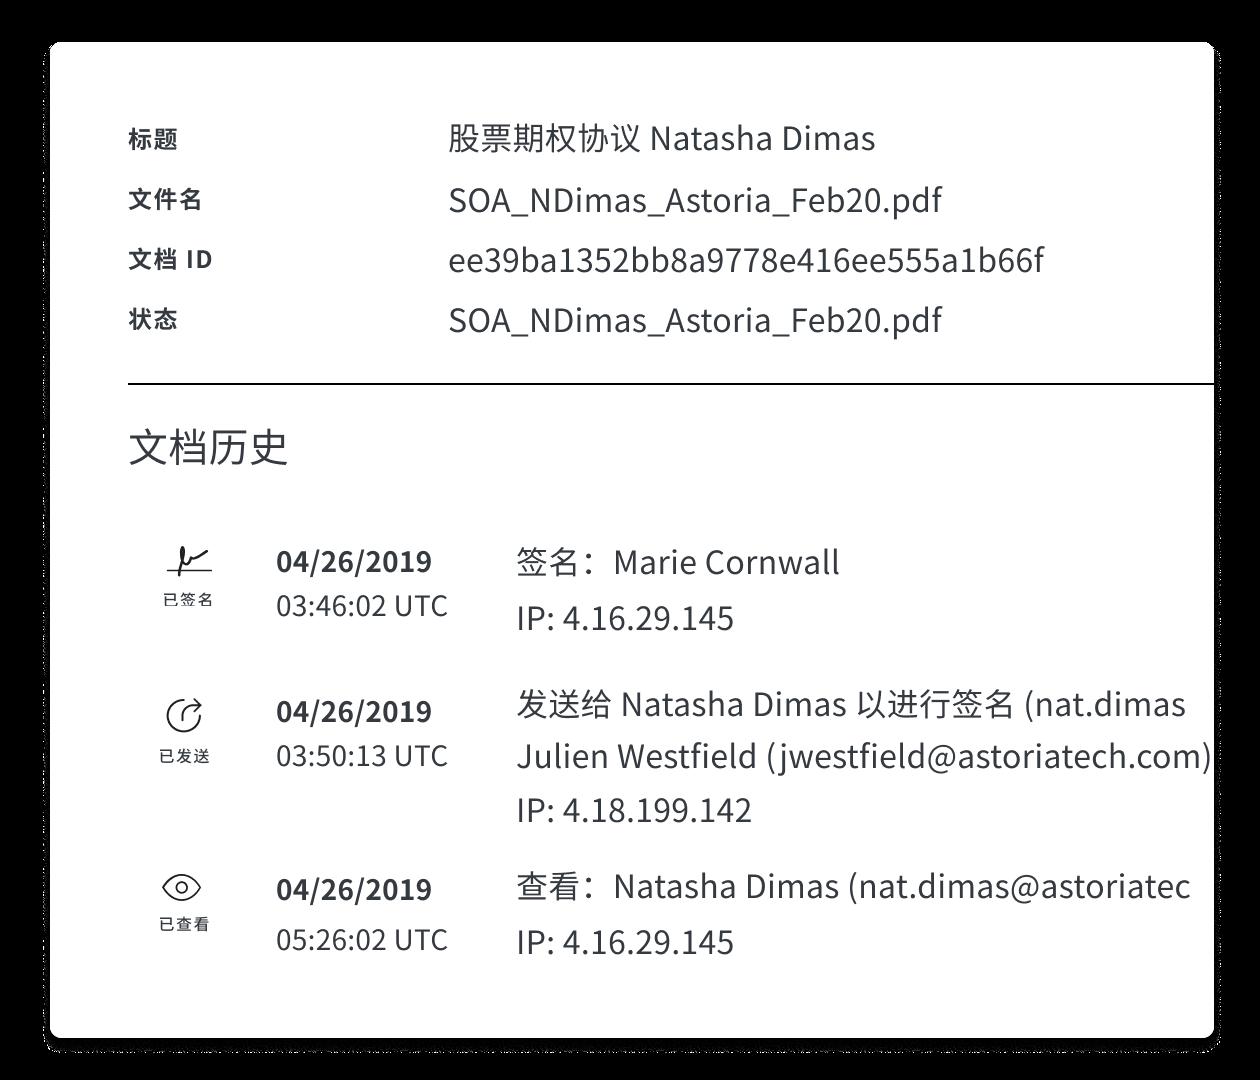 屏幕截图:HelloSign 文档历史记录部分